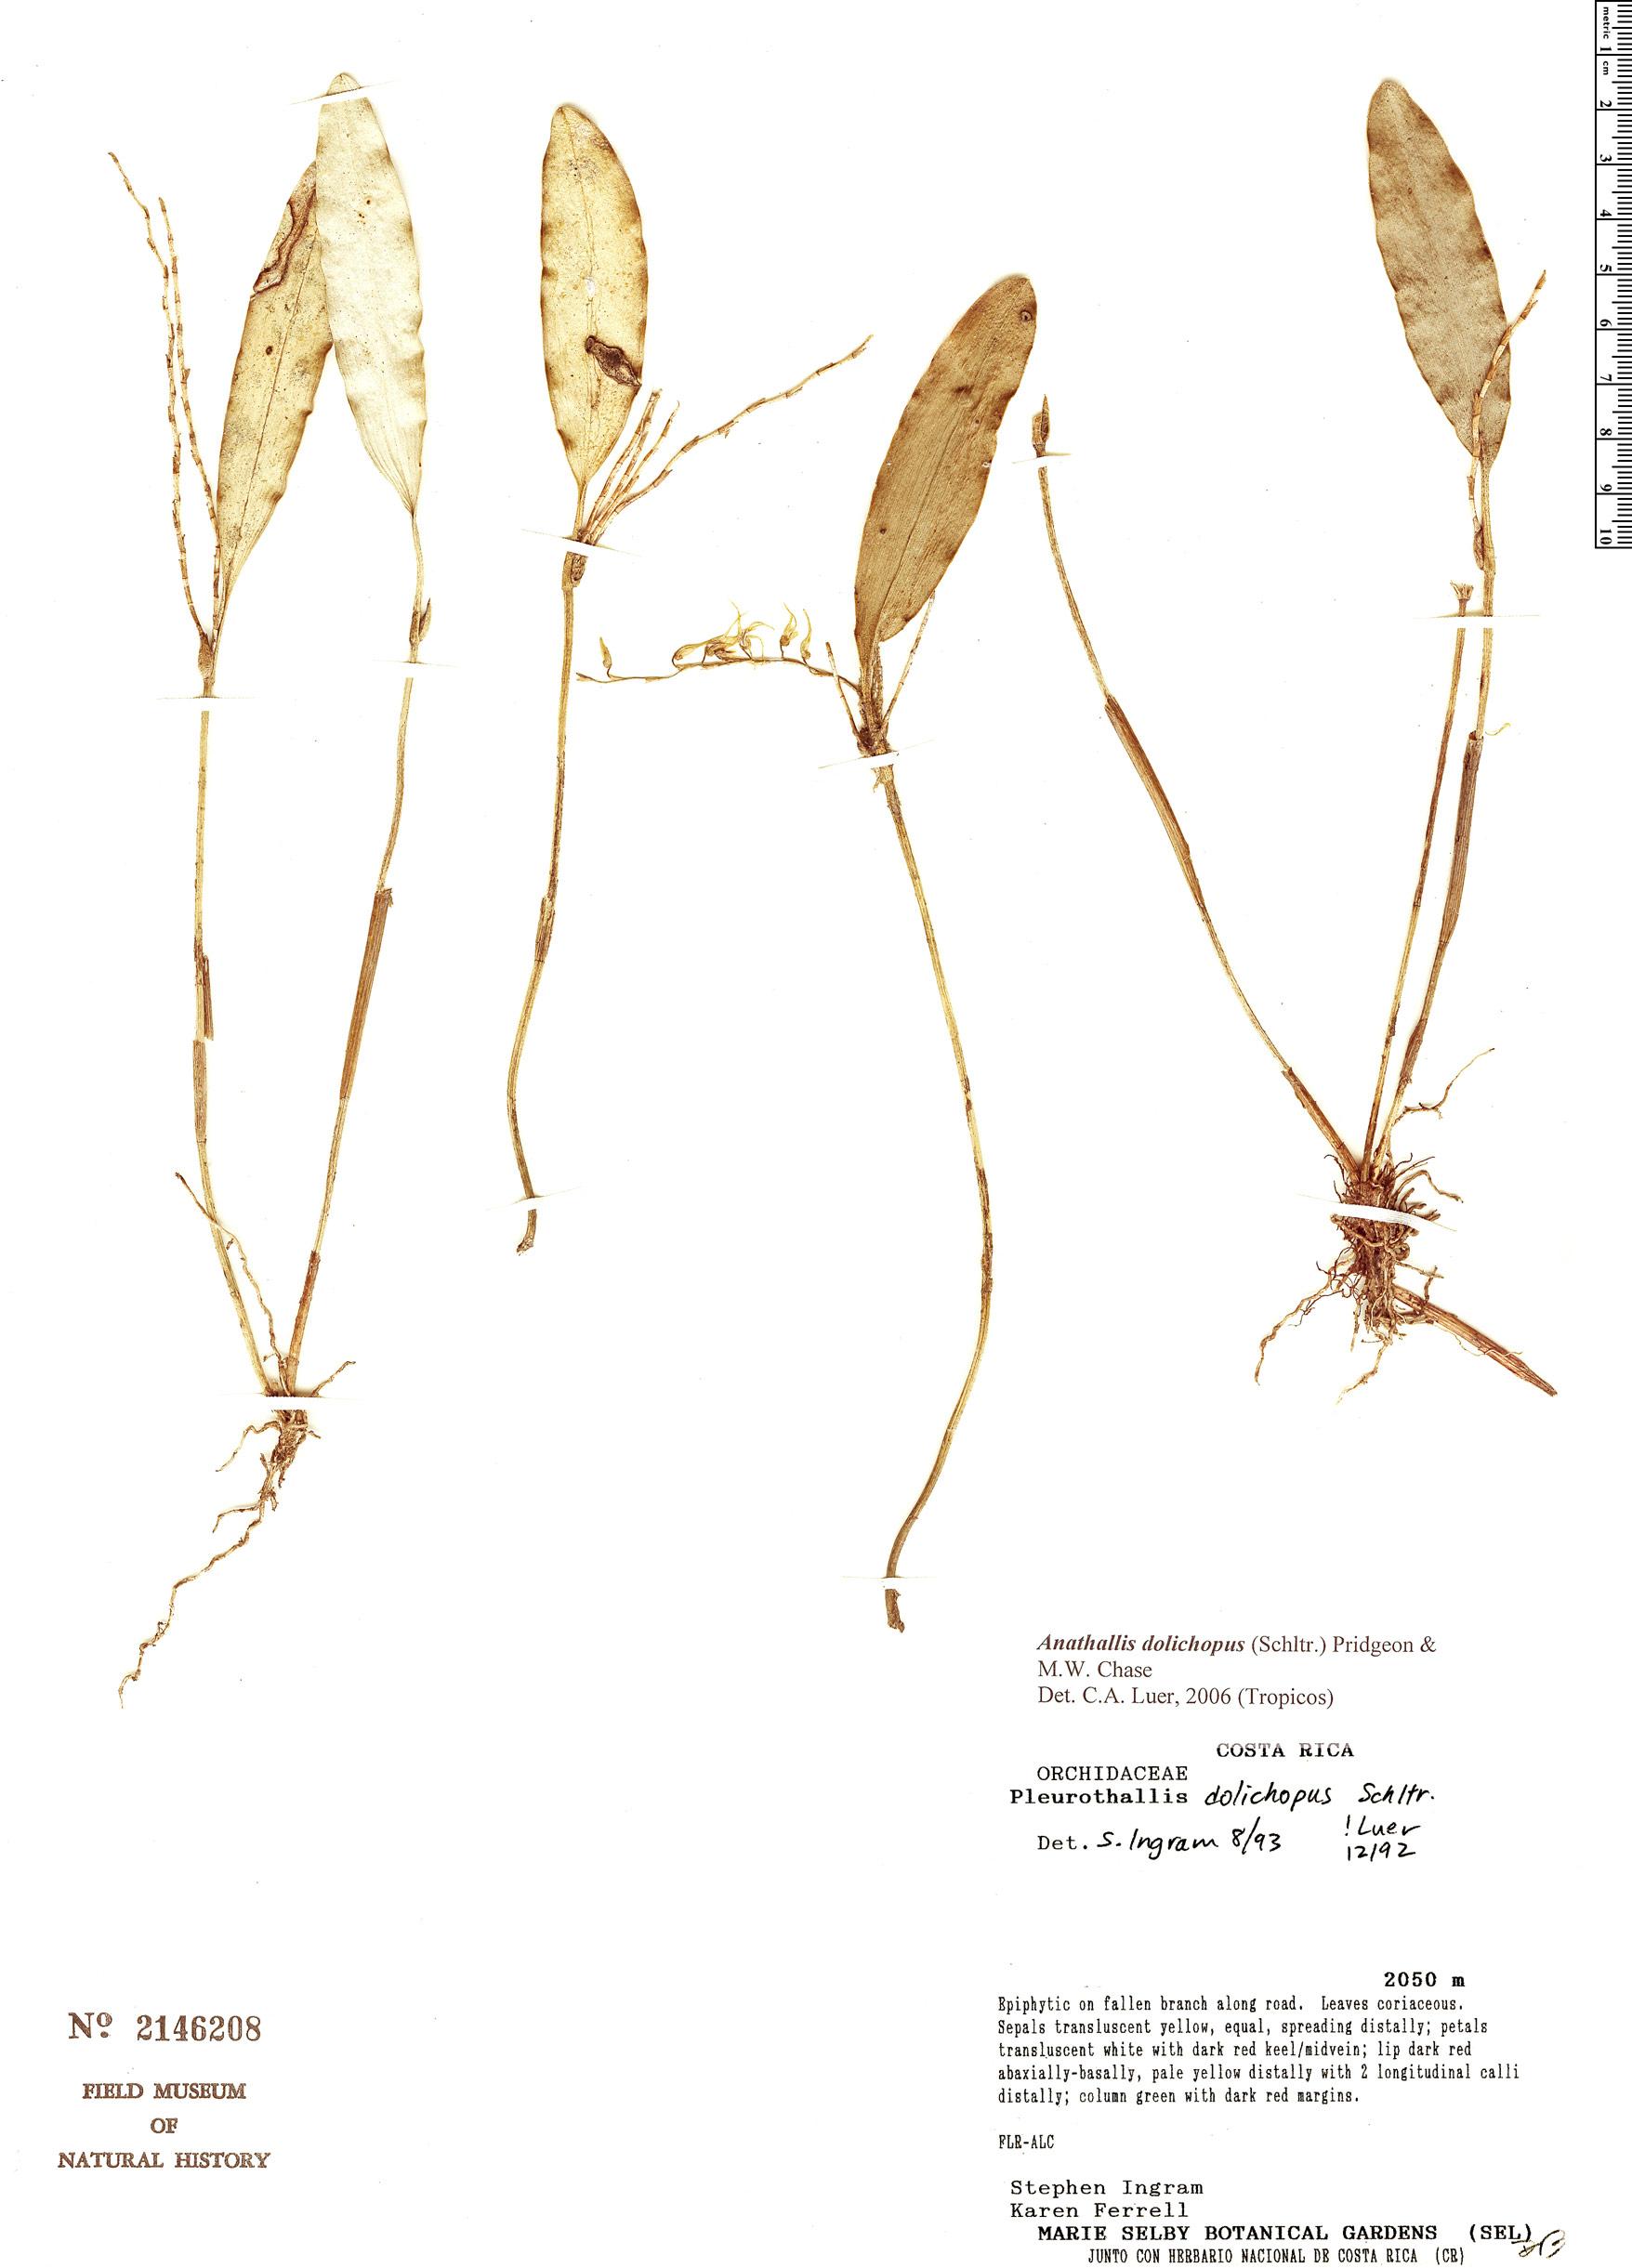 Specimen: Pleurothallis dolichopus